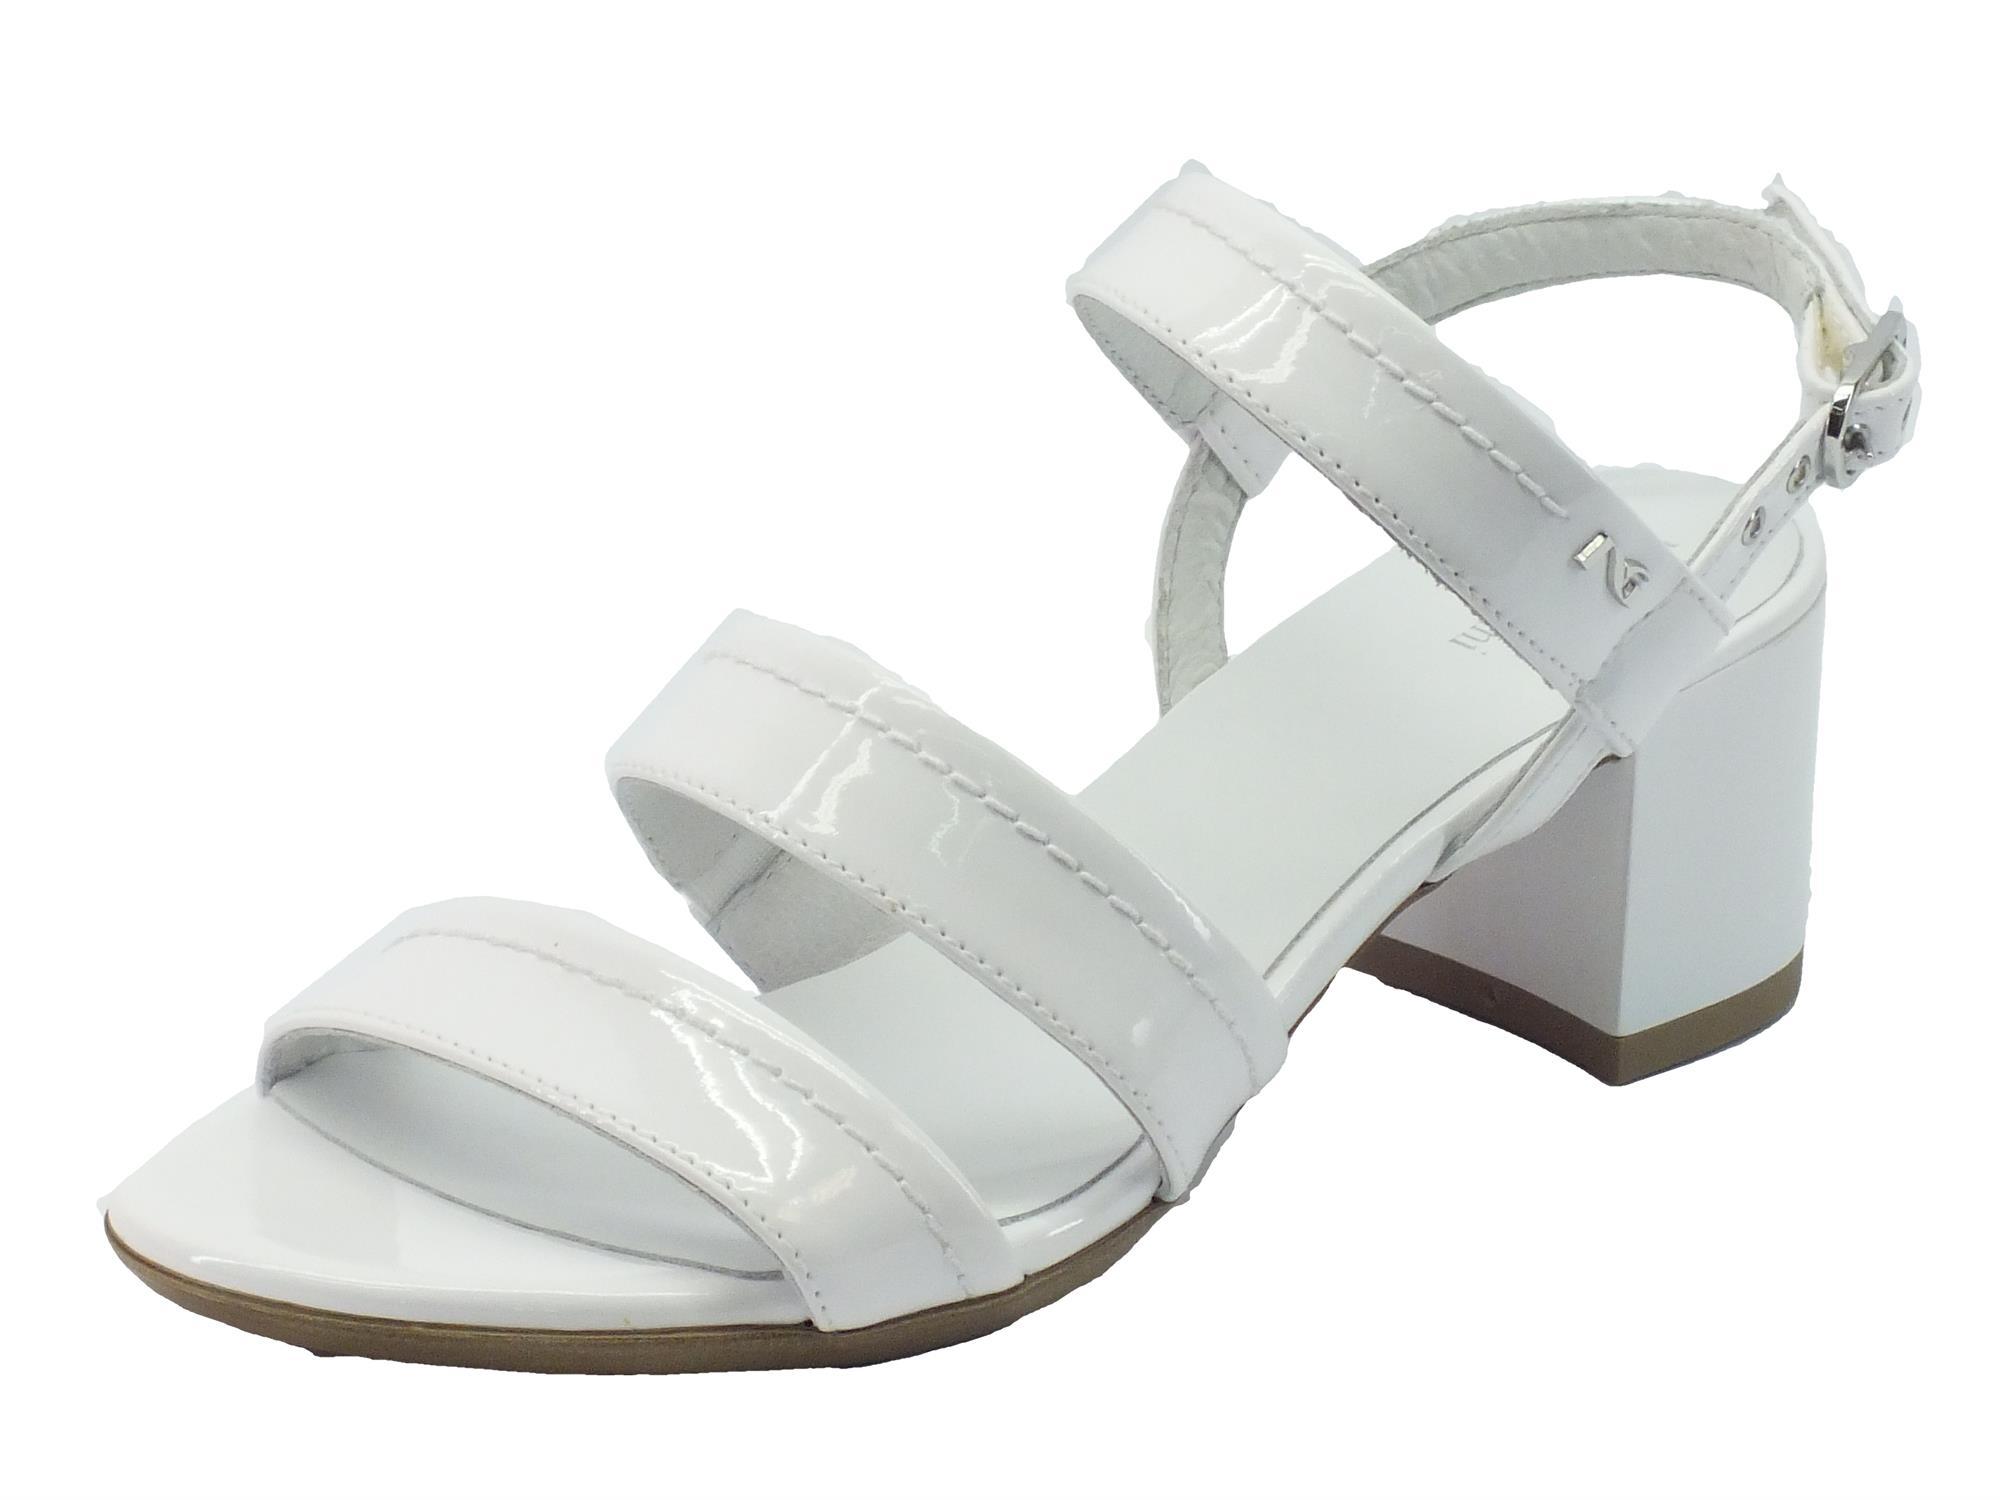 Sandali donna NeroGiardini in vernice bianca con tacco basso